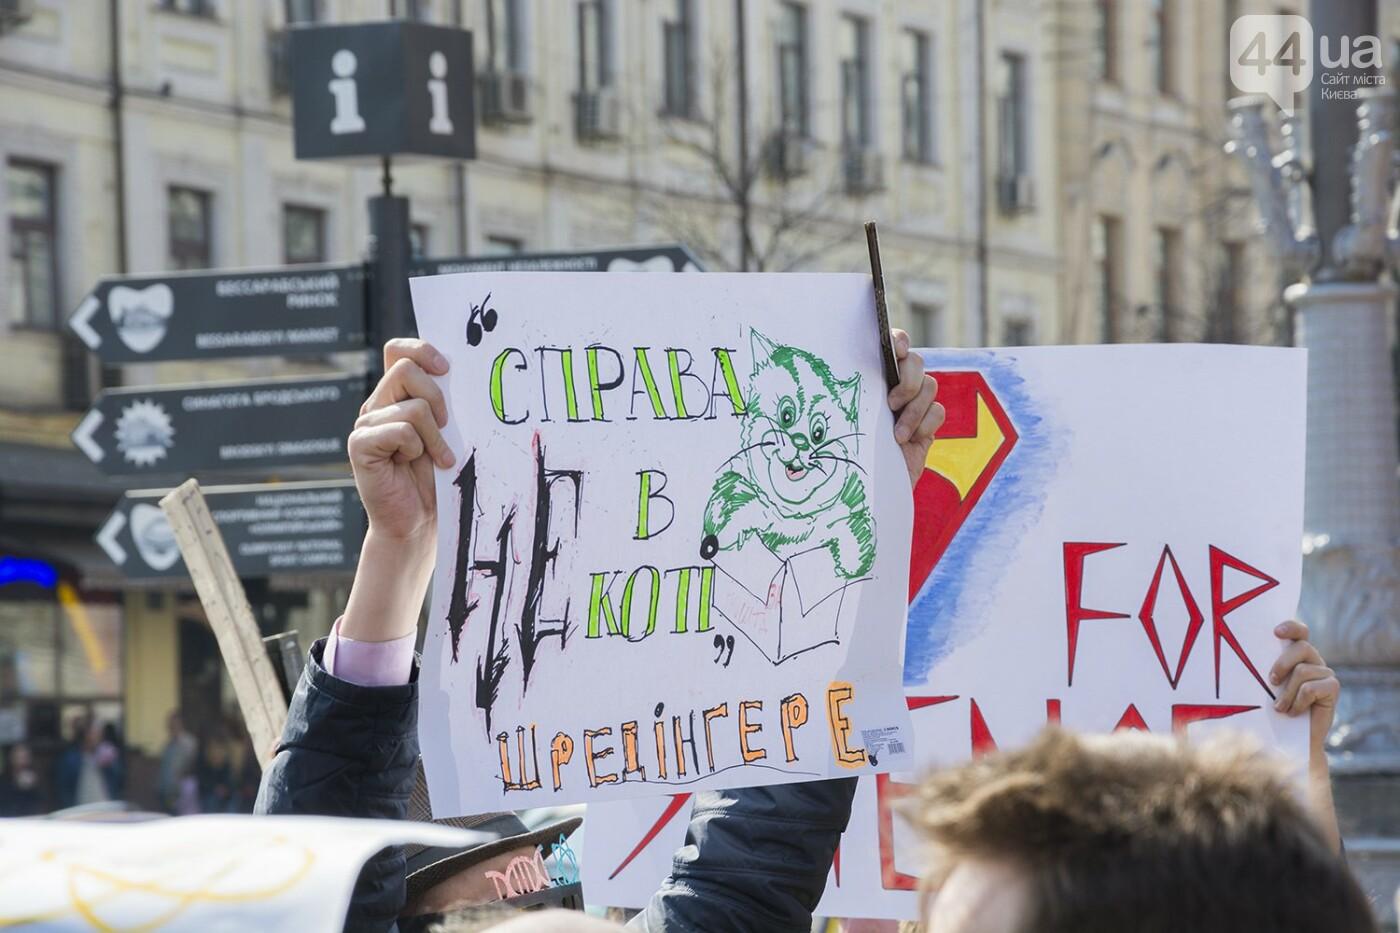 Ученые против мракобесия: в Киеве прошел марш за науку, фото-30